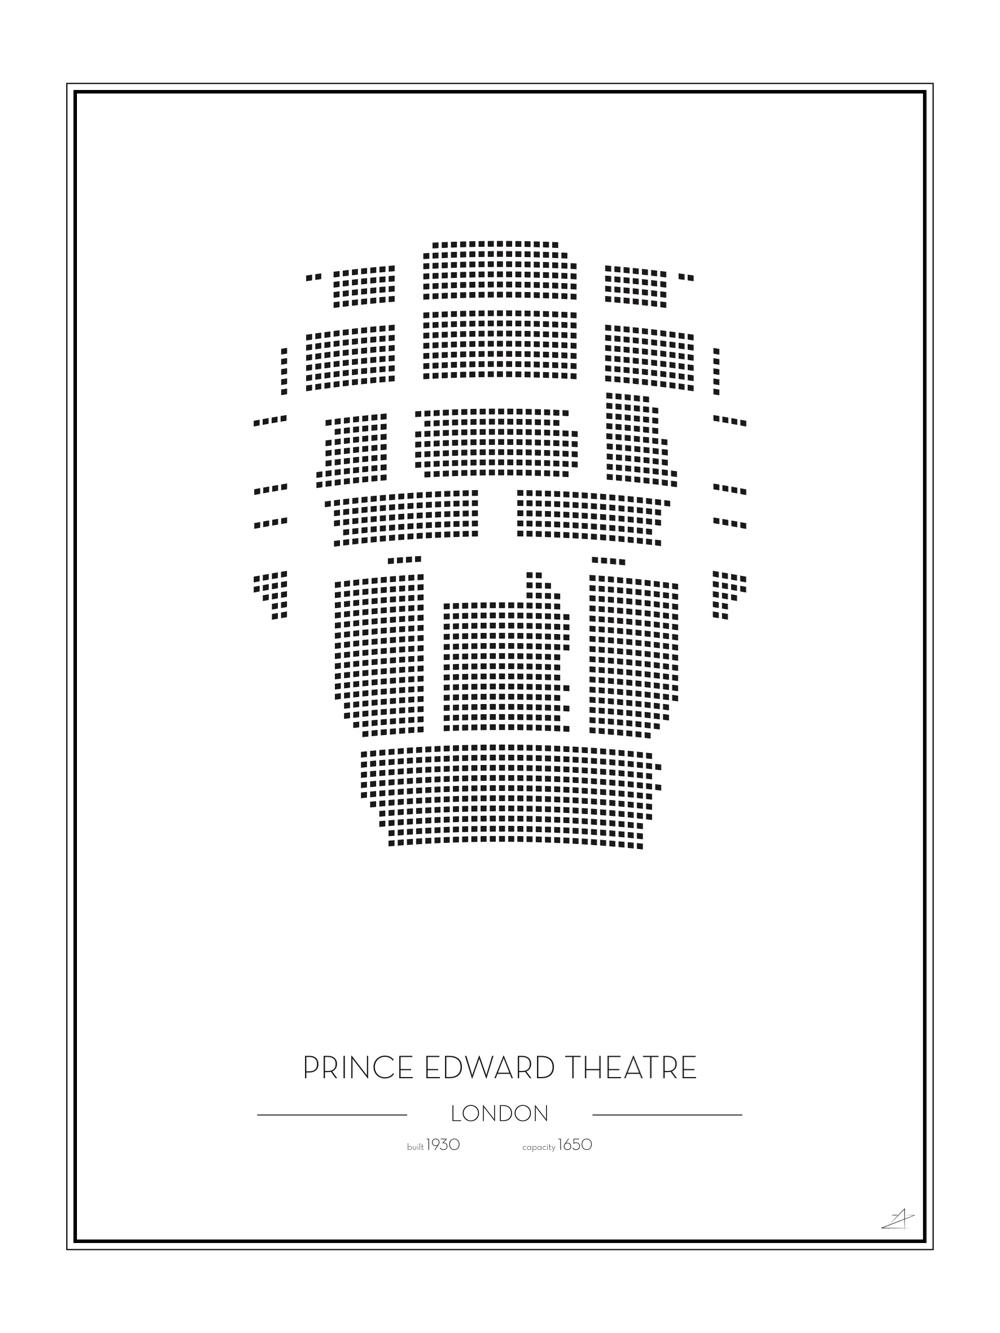 300x400 london - prince edward